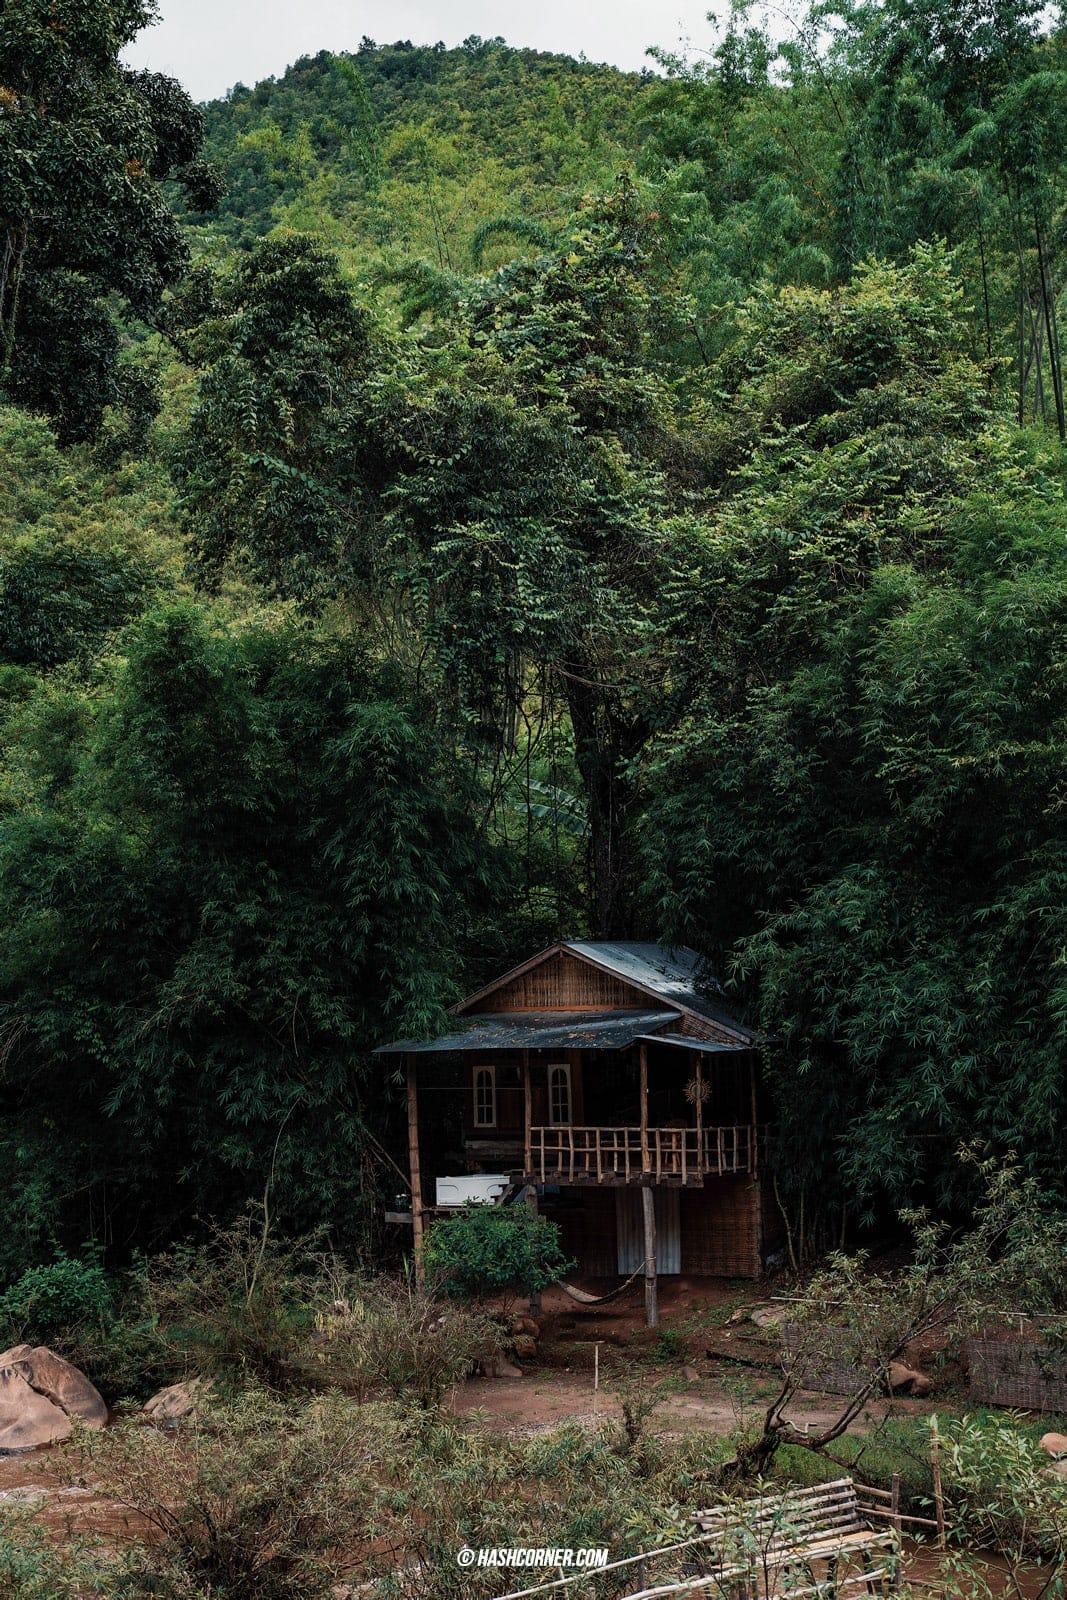 รีวิว บ้านสะปัน x น่าน : ความสงบโอบกอดด้วยภูเขา